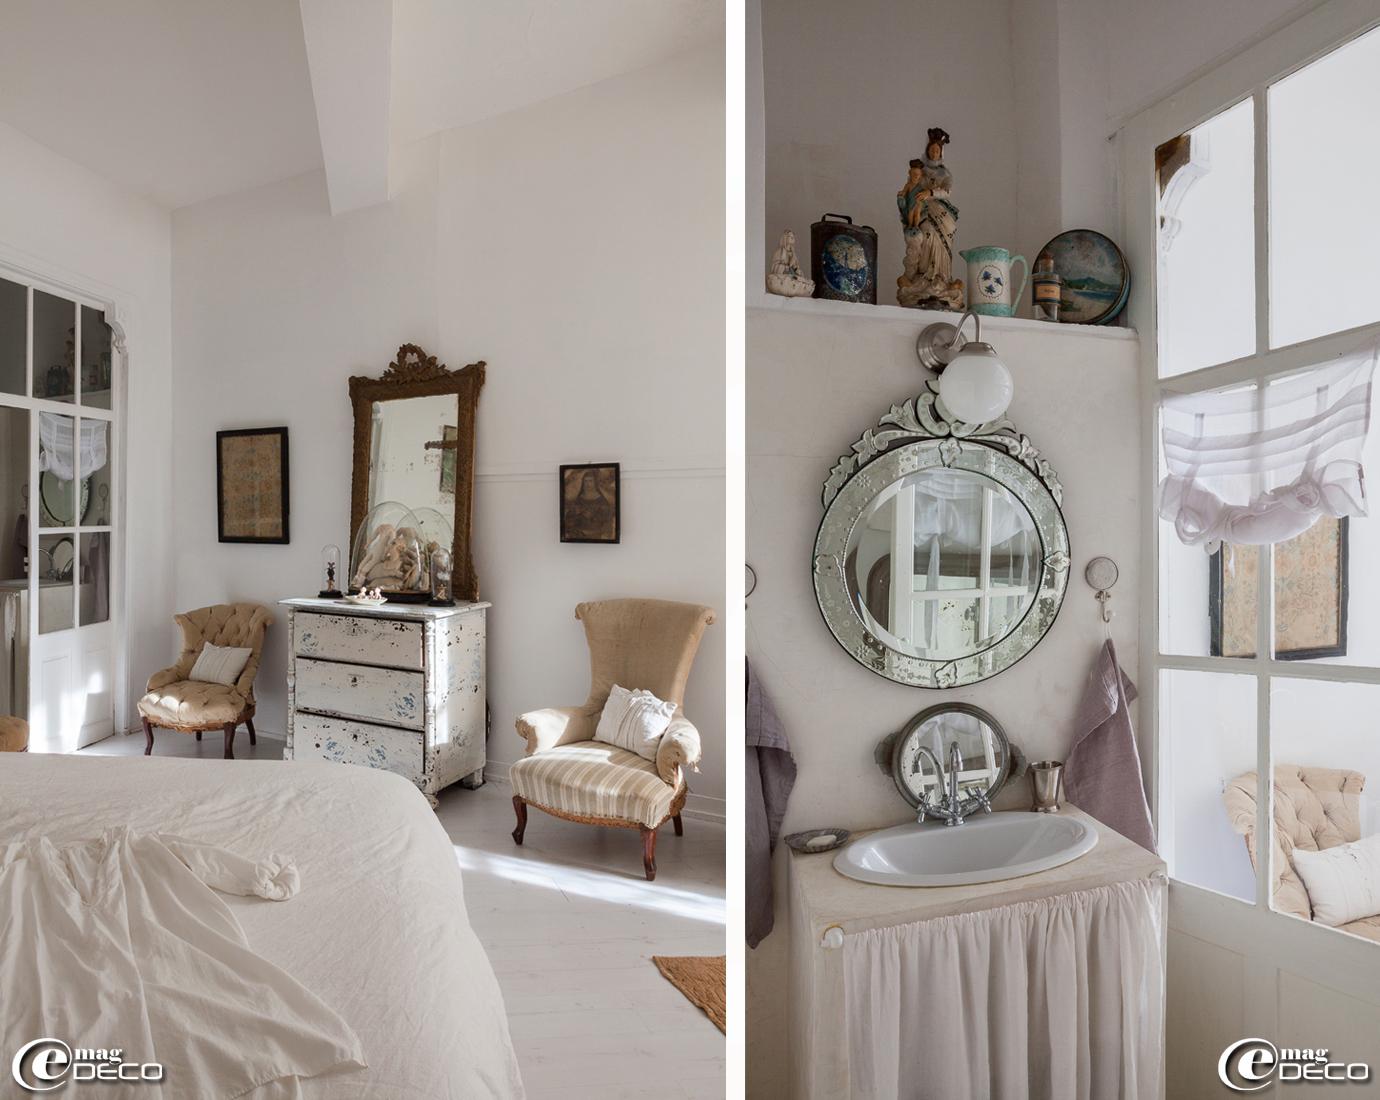 Miroir vénitien et serviettes en lin, boutique 'Clair de Lune' à Uzès, vasque 'Leroy Merlin' sur console en béton ciré